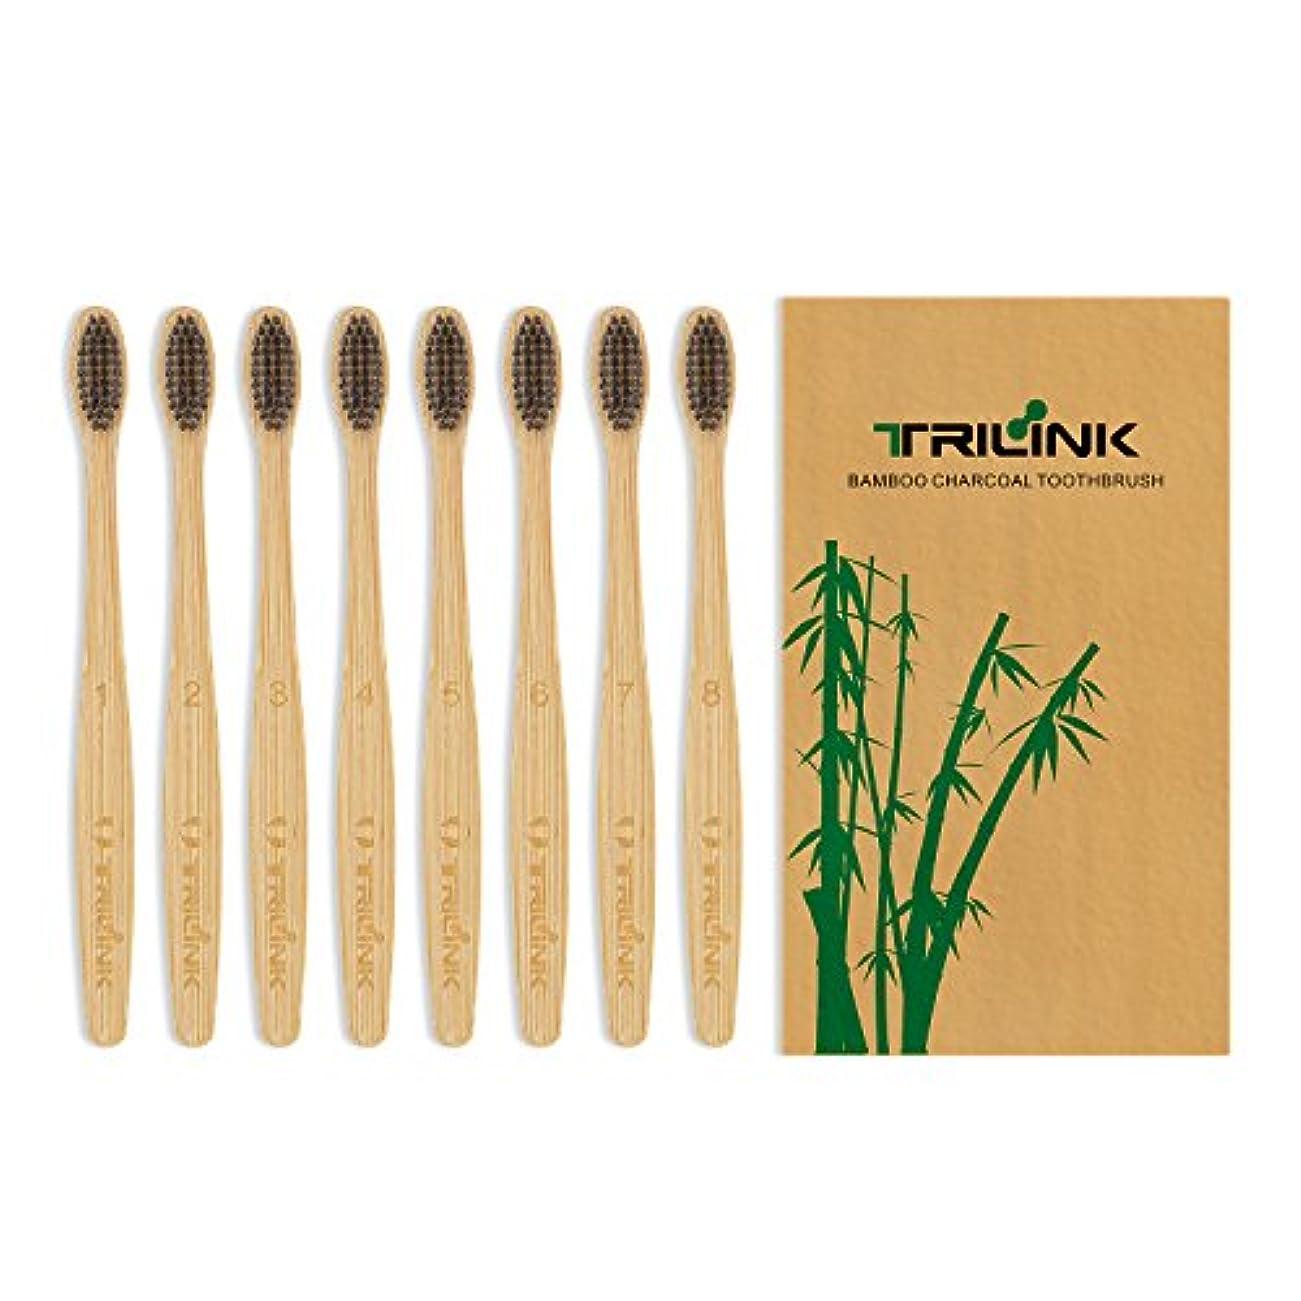 ヘクタールコロニー最適大人用竹の歯ブラシ(8本) 環境保護 天然の柔らかい ハブラシ【 活性炭を注入】